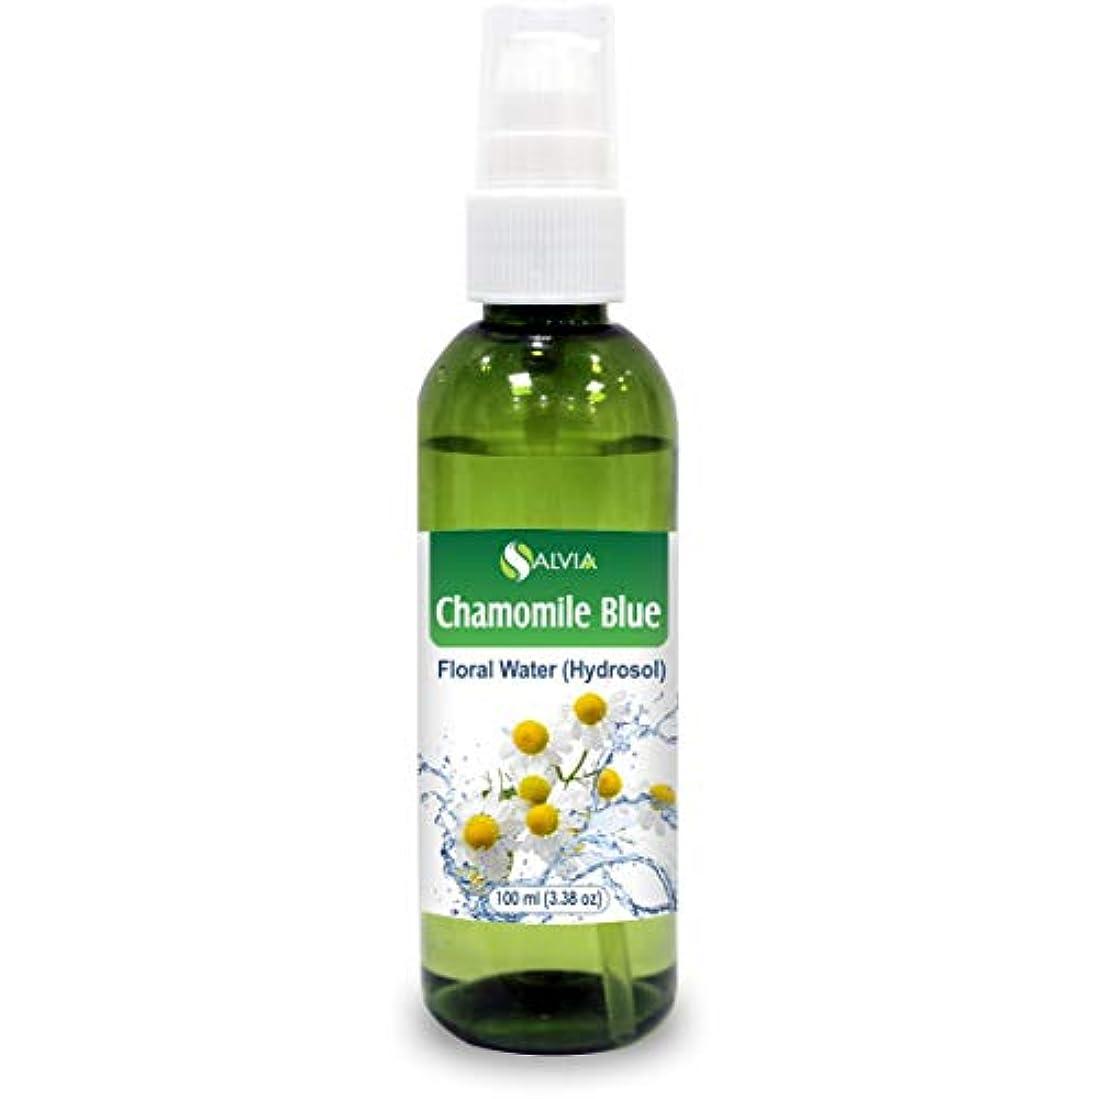 マイクロフォン高度な熱帯のChamomile Oil, Blue Floral Water 100ml (Hydrosol) 100% Pure And Natural